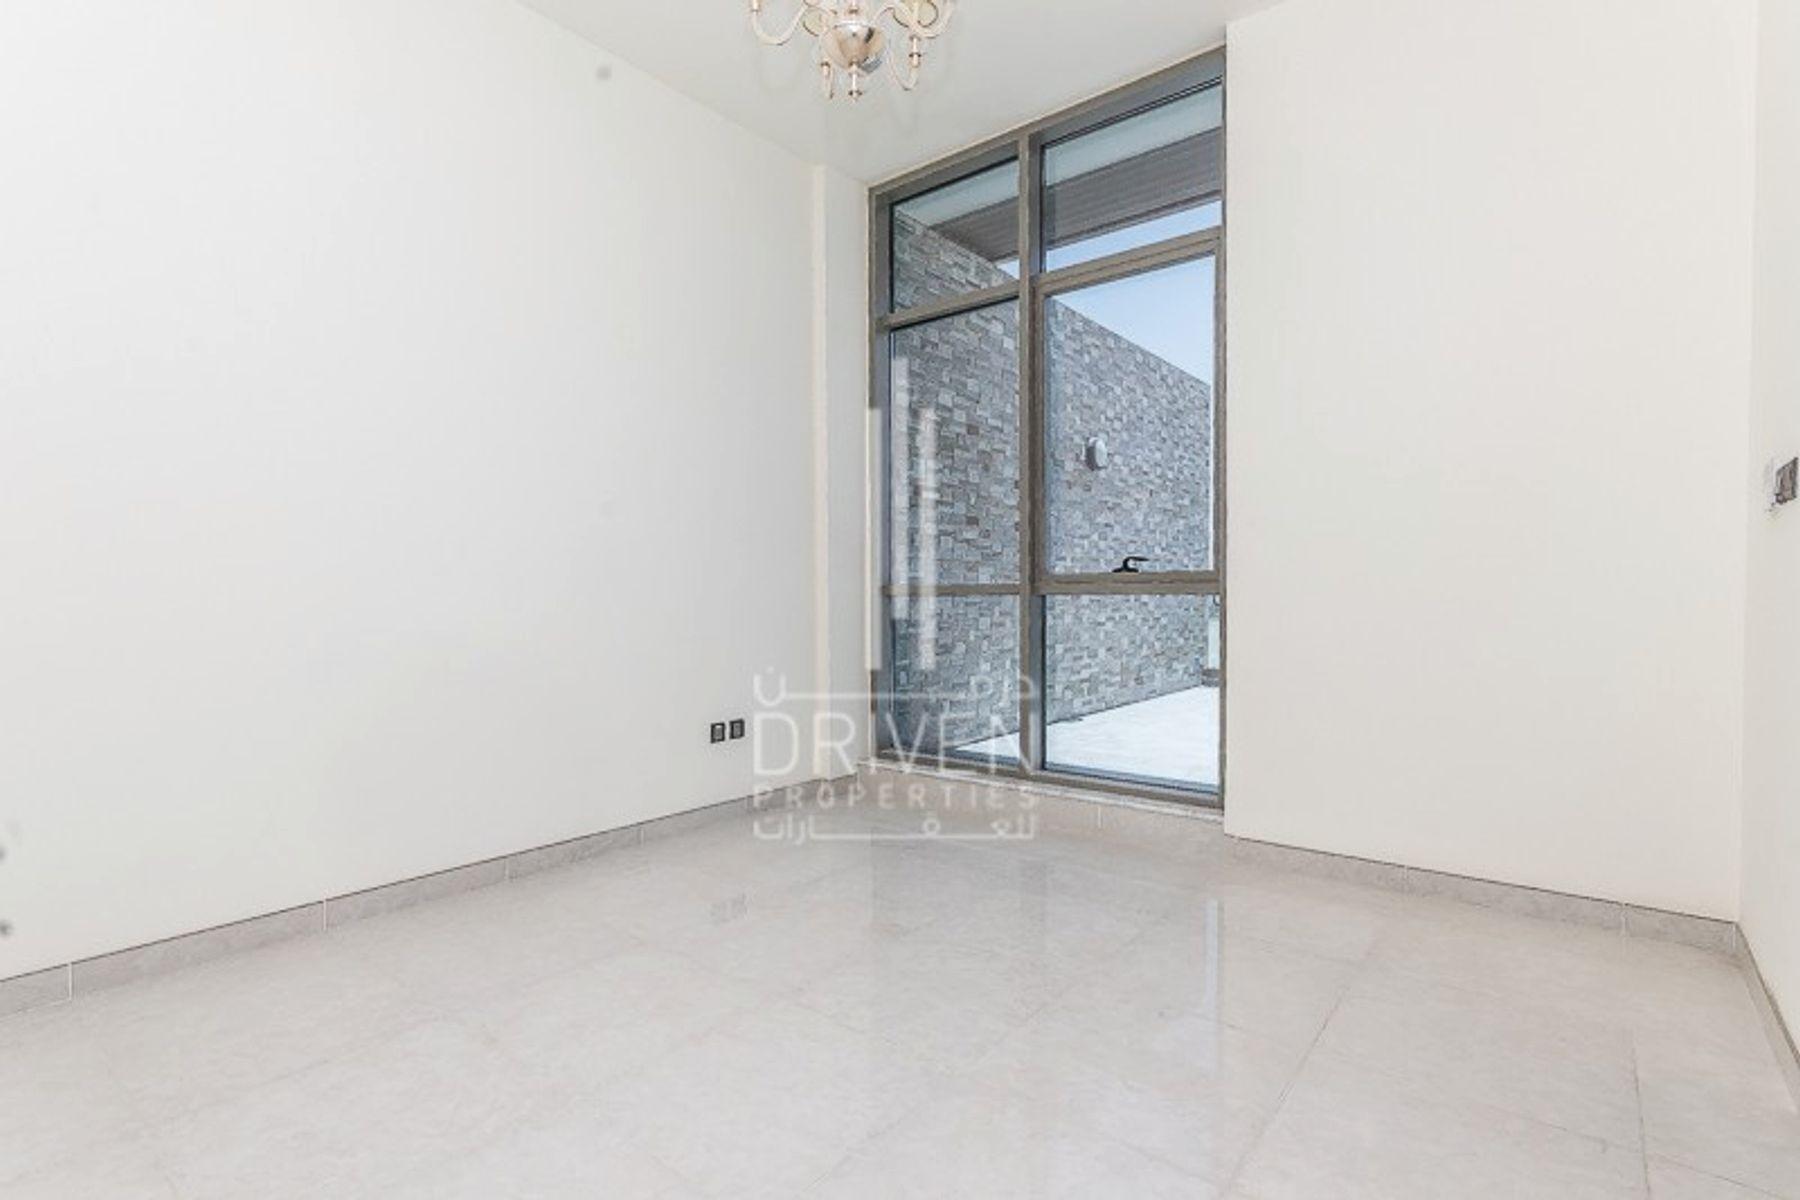 للبيع - شقة - بولو ريزيدنس - ميدان